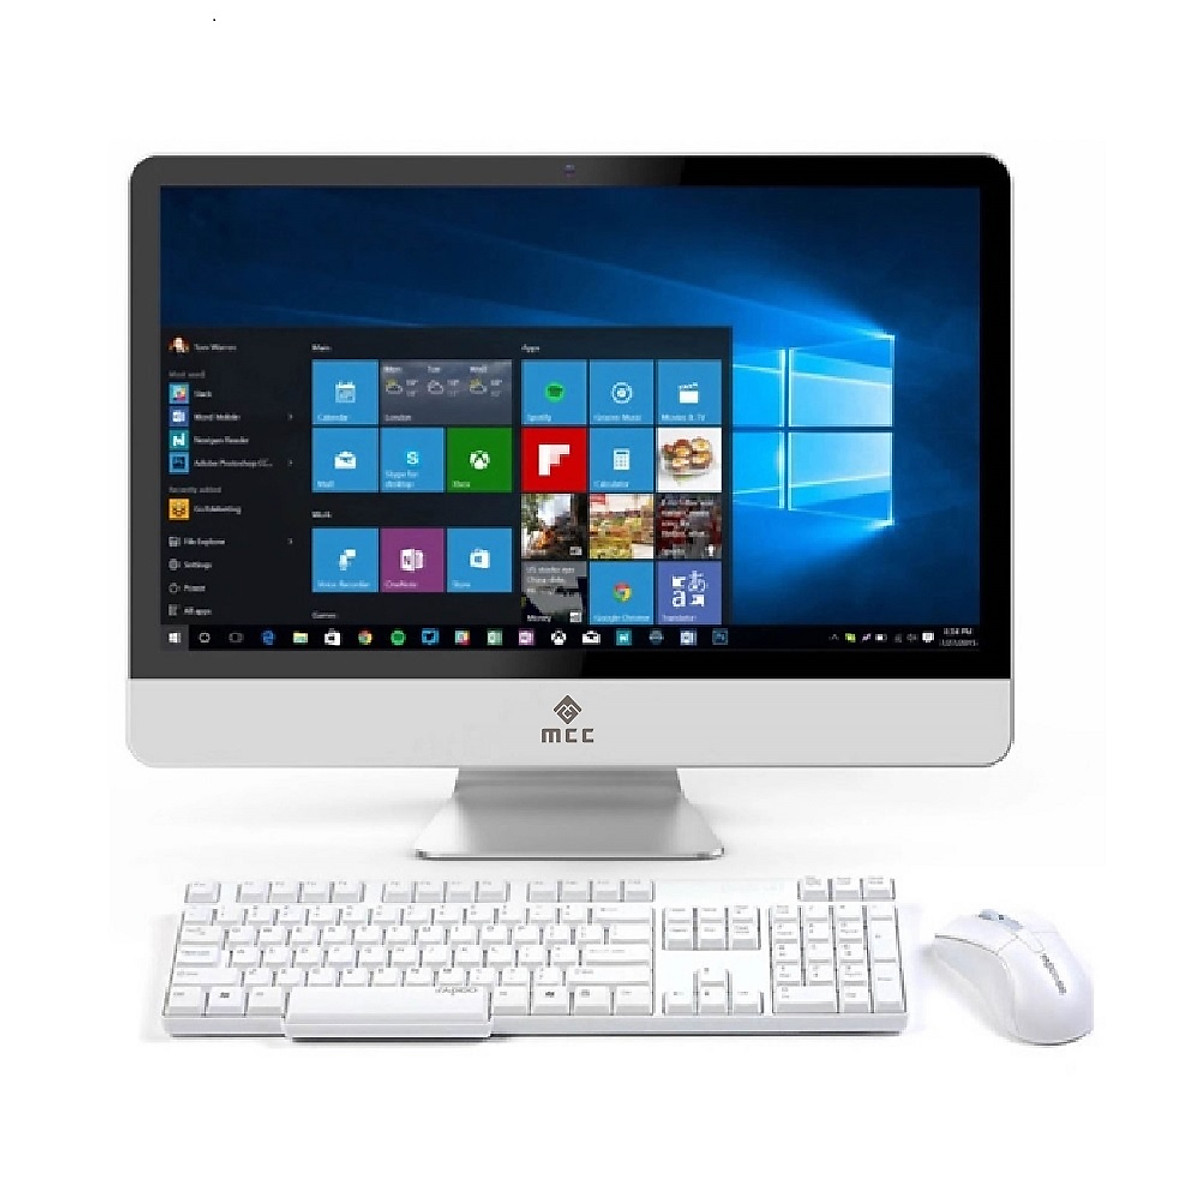 Bộ PC All in ONE (AIO) MCC3441G Home Office Computer CPU Dual 3.2Ghz/ Ram4G/ SSD120G/ wifi/ camera/ 22inch - Hàng Chính Hãng